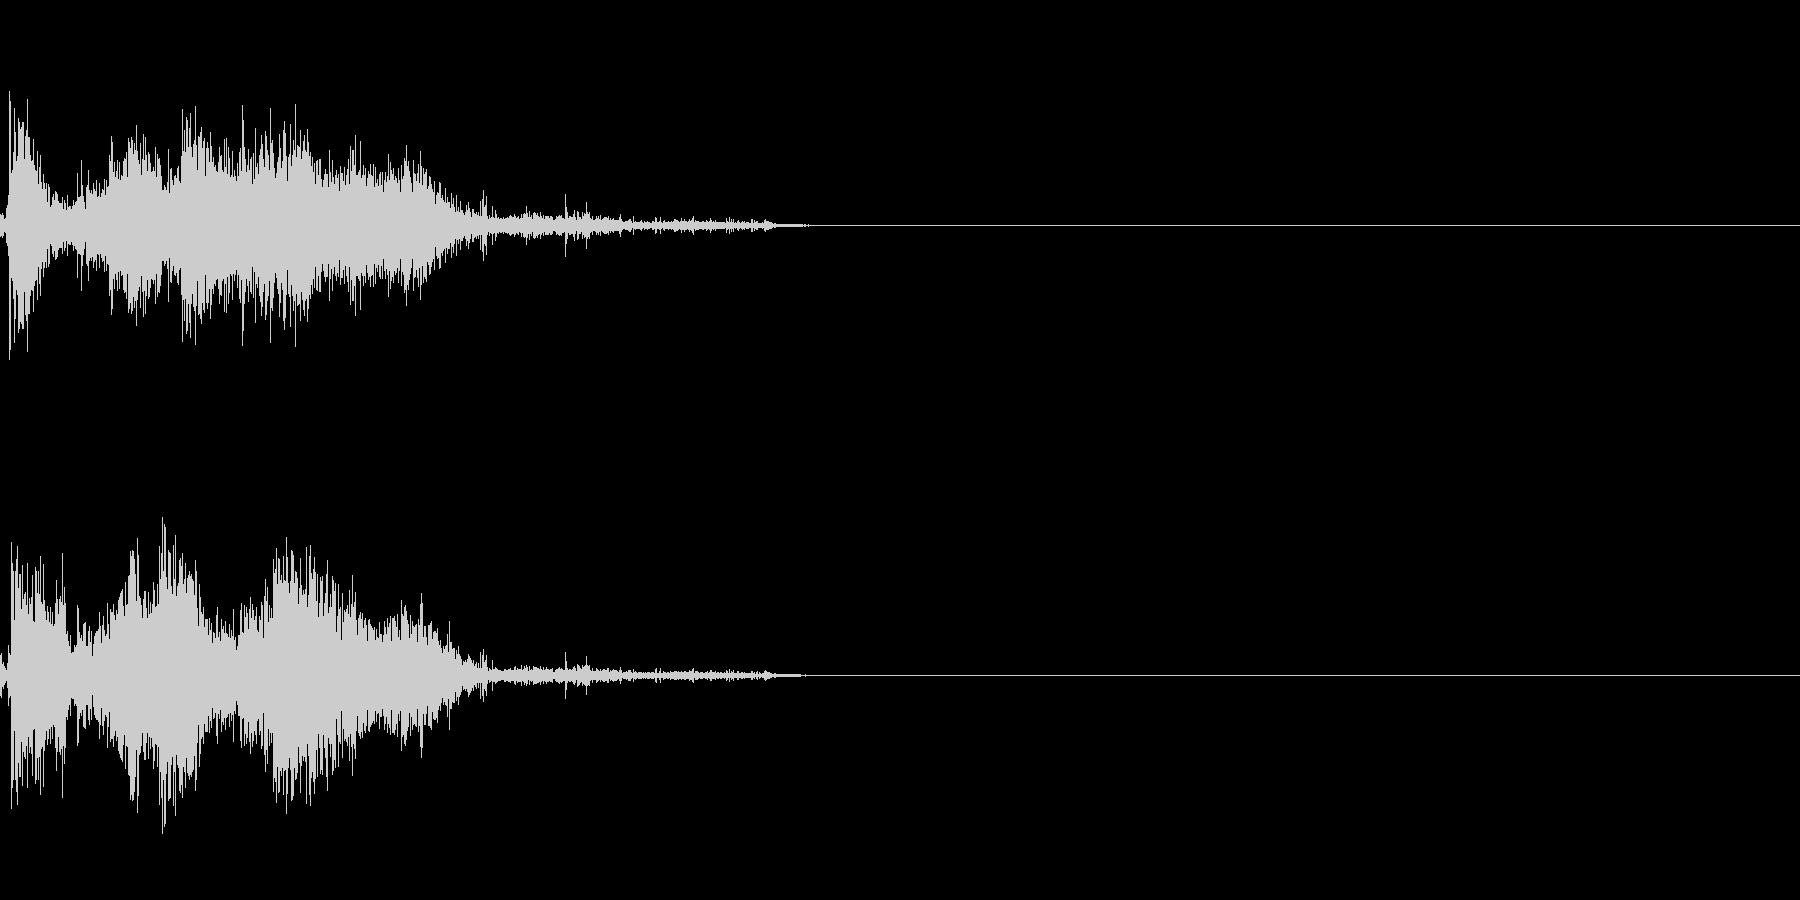 剣 攻撃音 3の未再生の波形